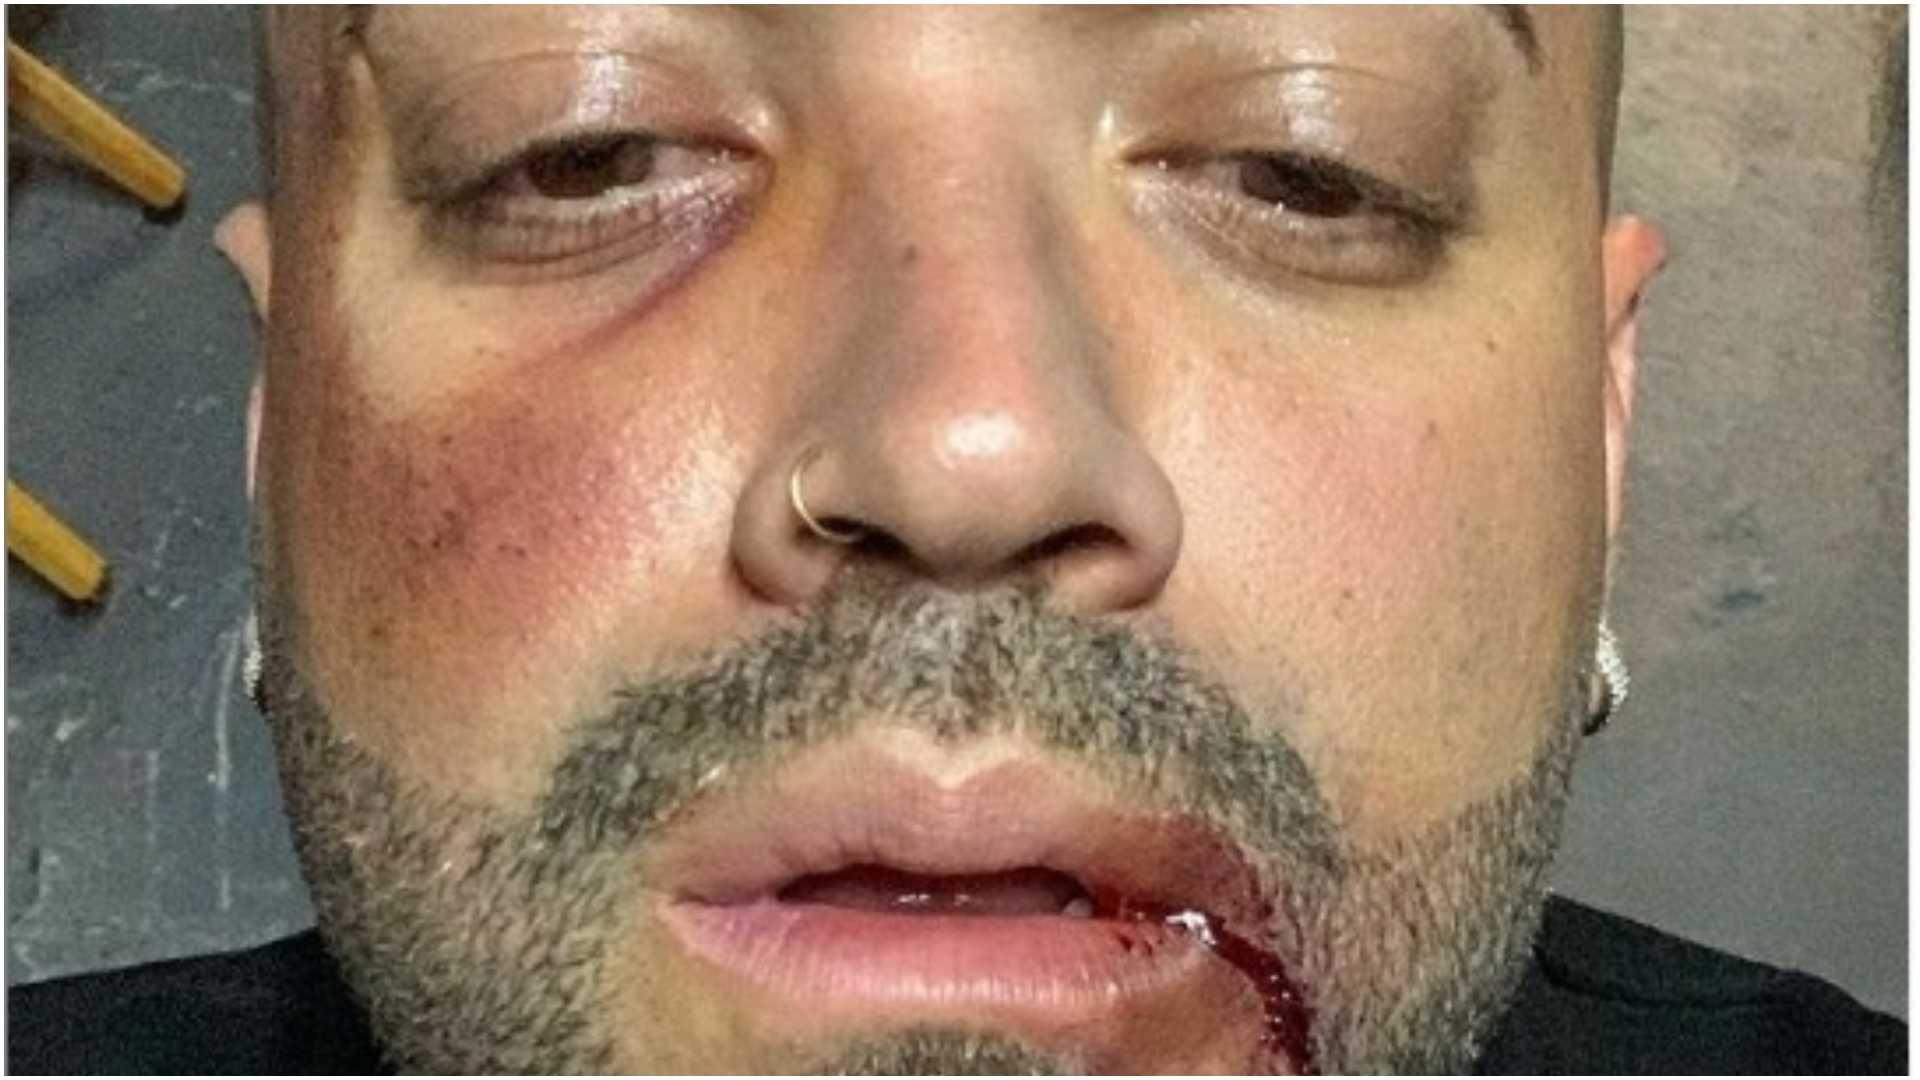 Nacho con el rostro golpeado